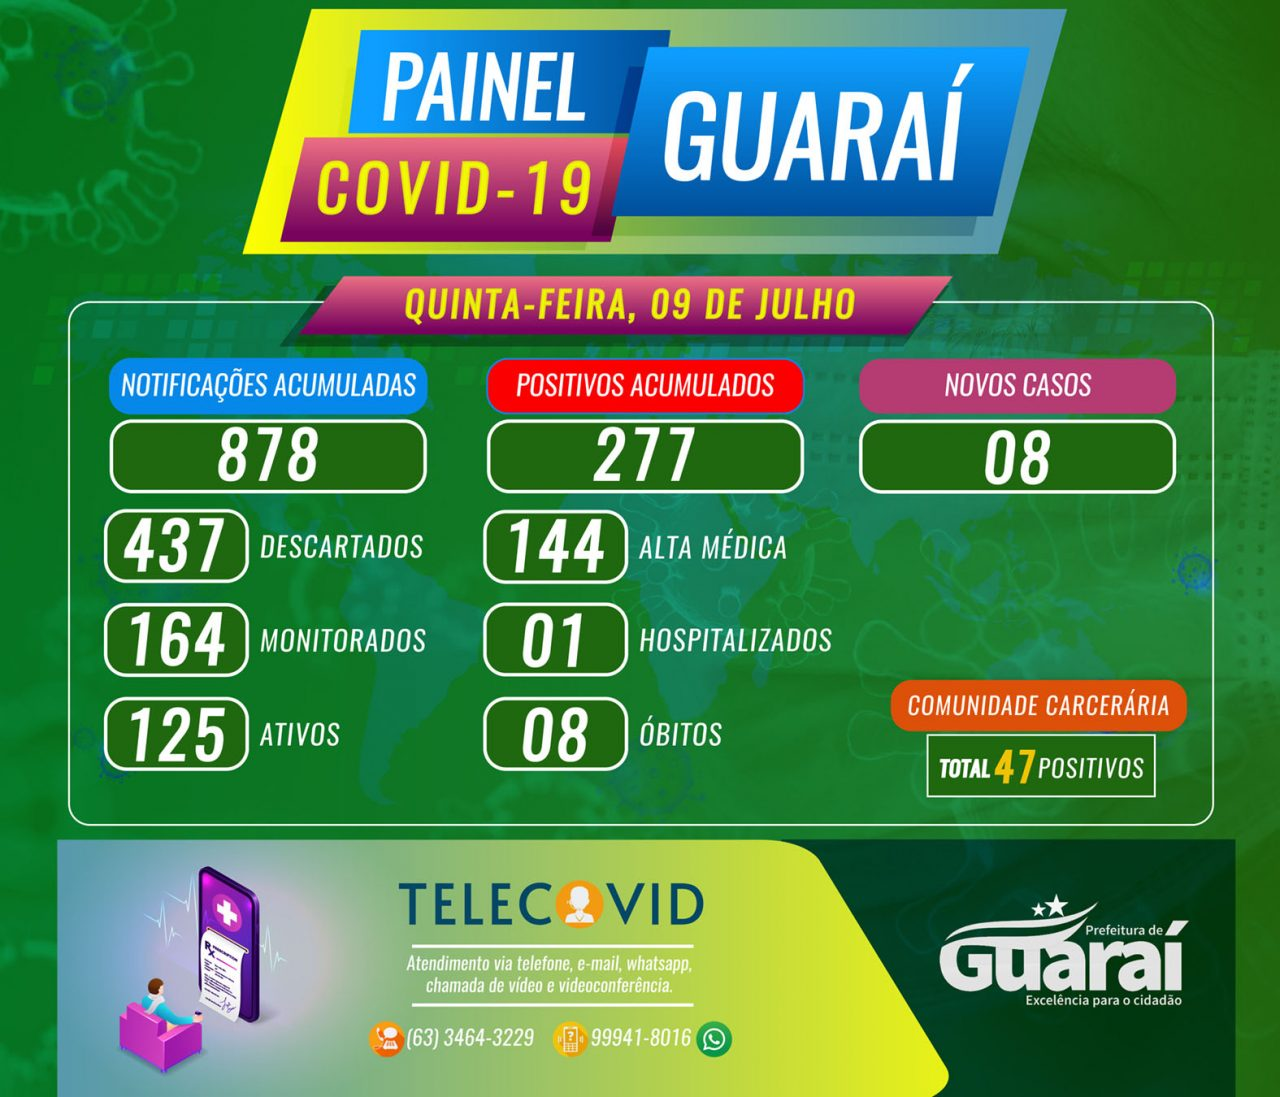 PAINEL GUARAI COVID19 QUINTA 9 DE JULHO 1280x1097 - Painel Guaraí-TO / Covid-19 / Boletim 09 de Julho (Quinta) 14:00